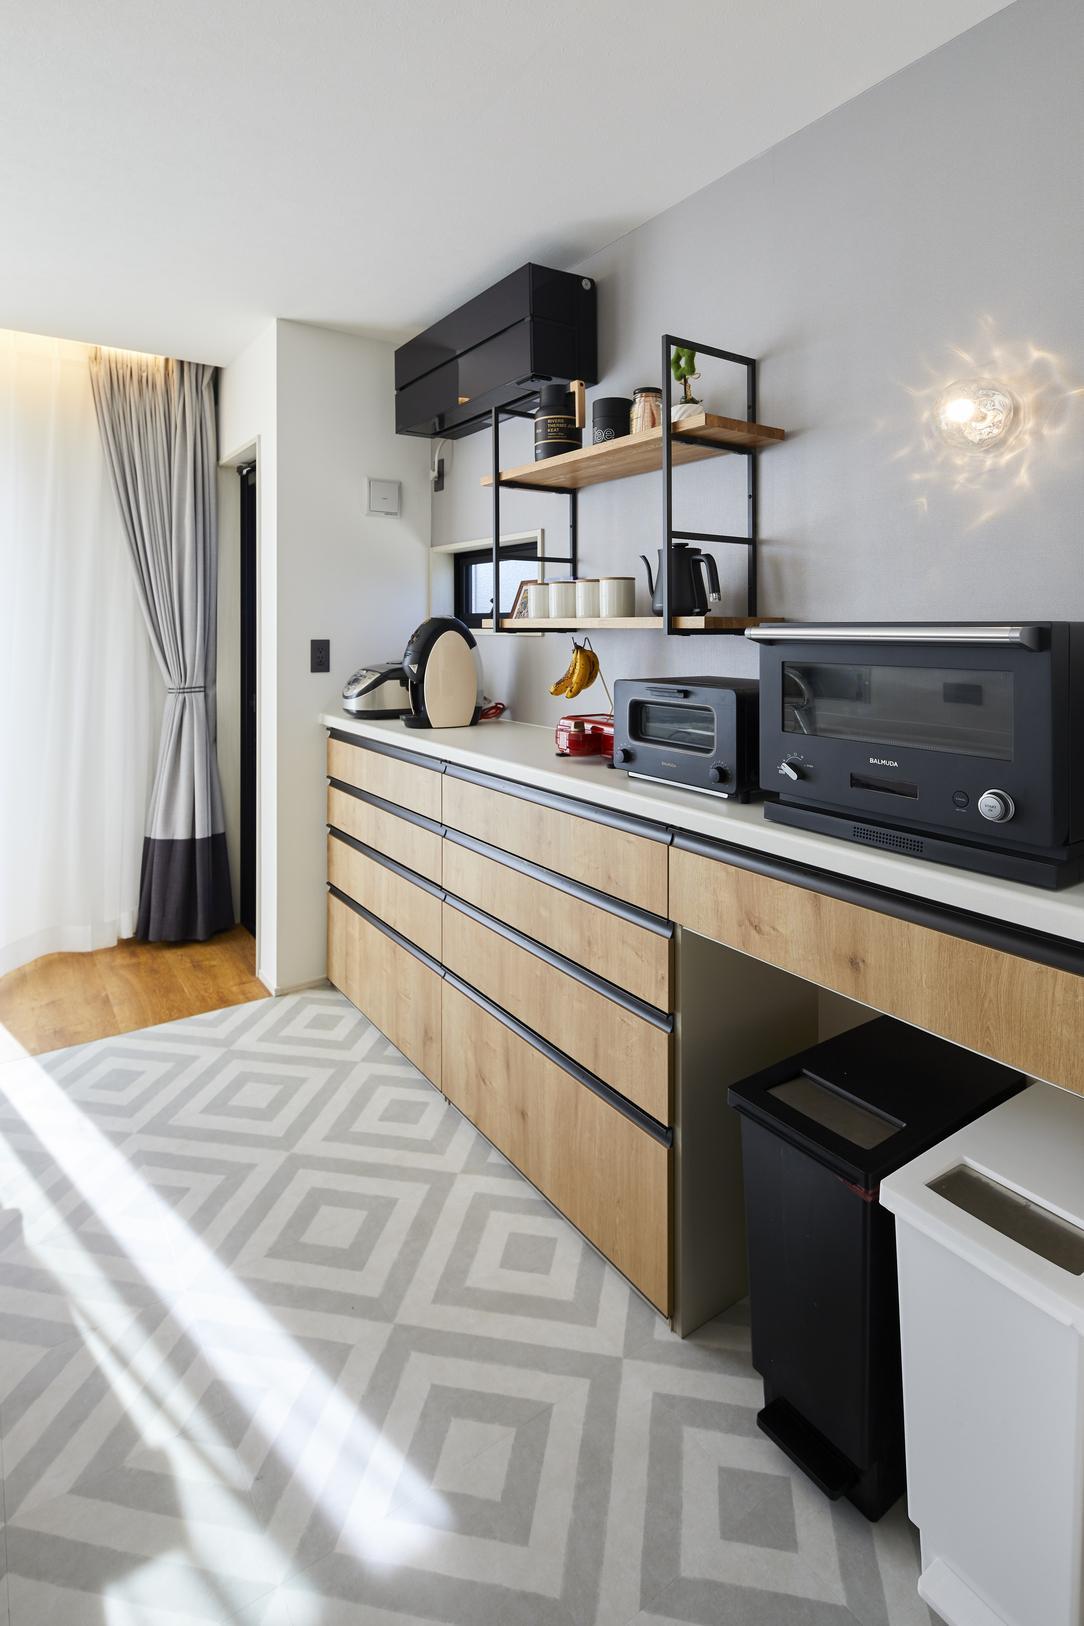 キッチンの背面収納は低く抑えたことで、空間がより広く感じられるとともに、カフェのようなテイストを愉しめる